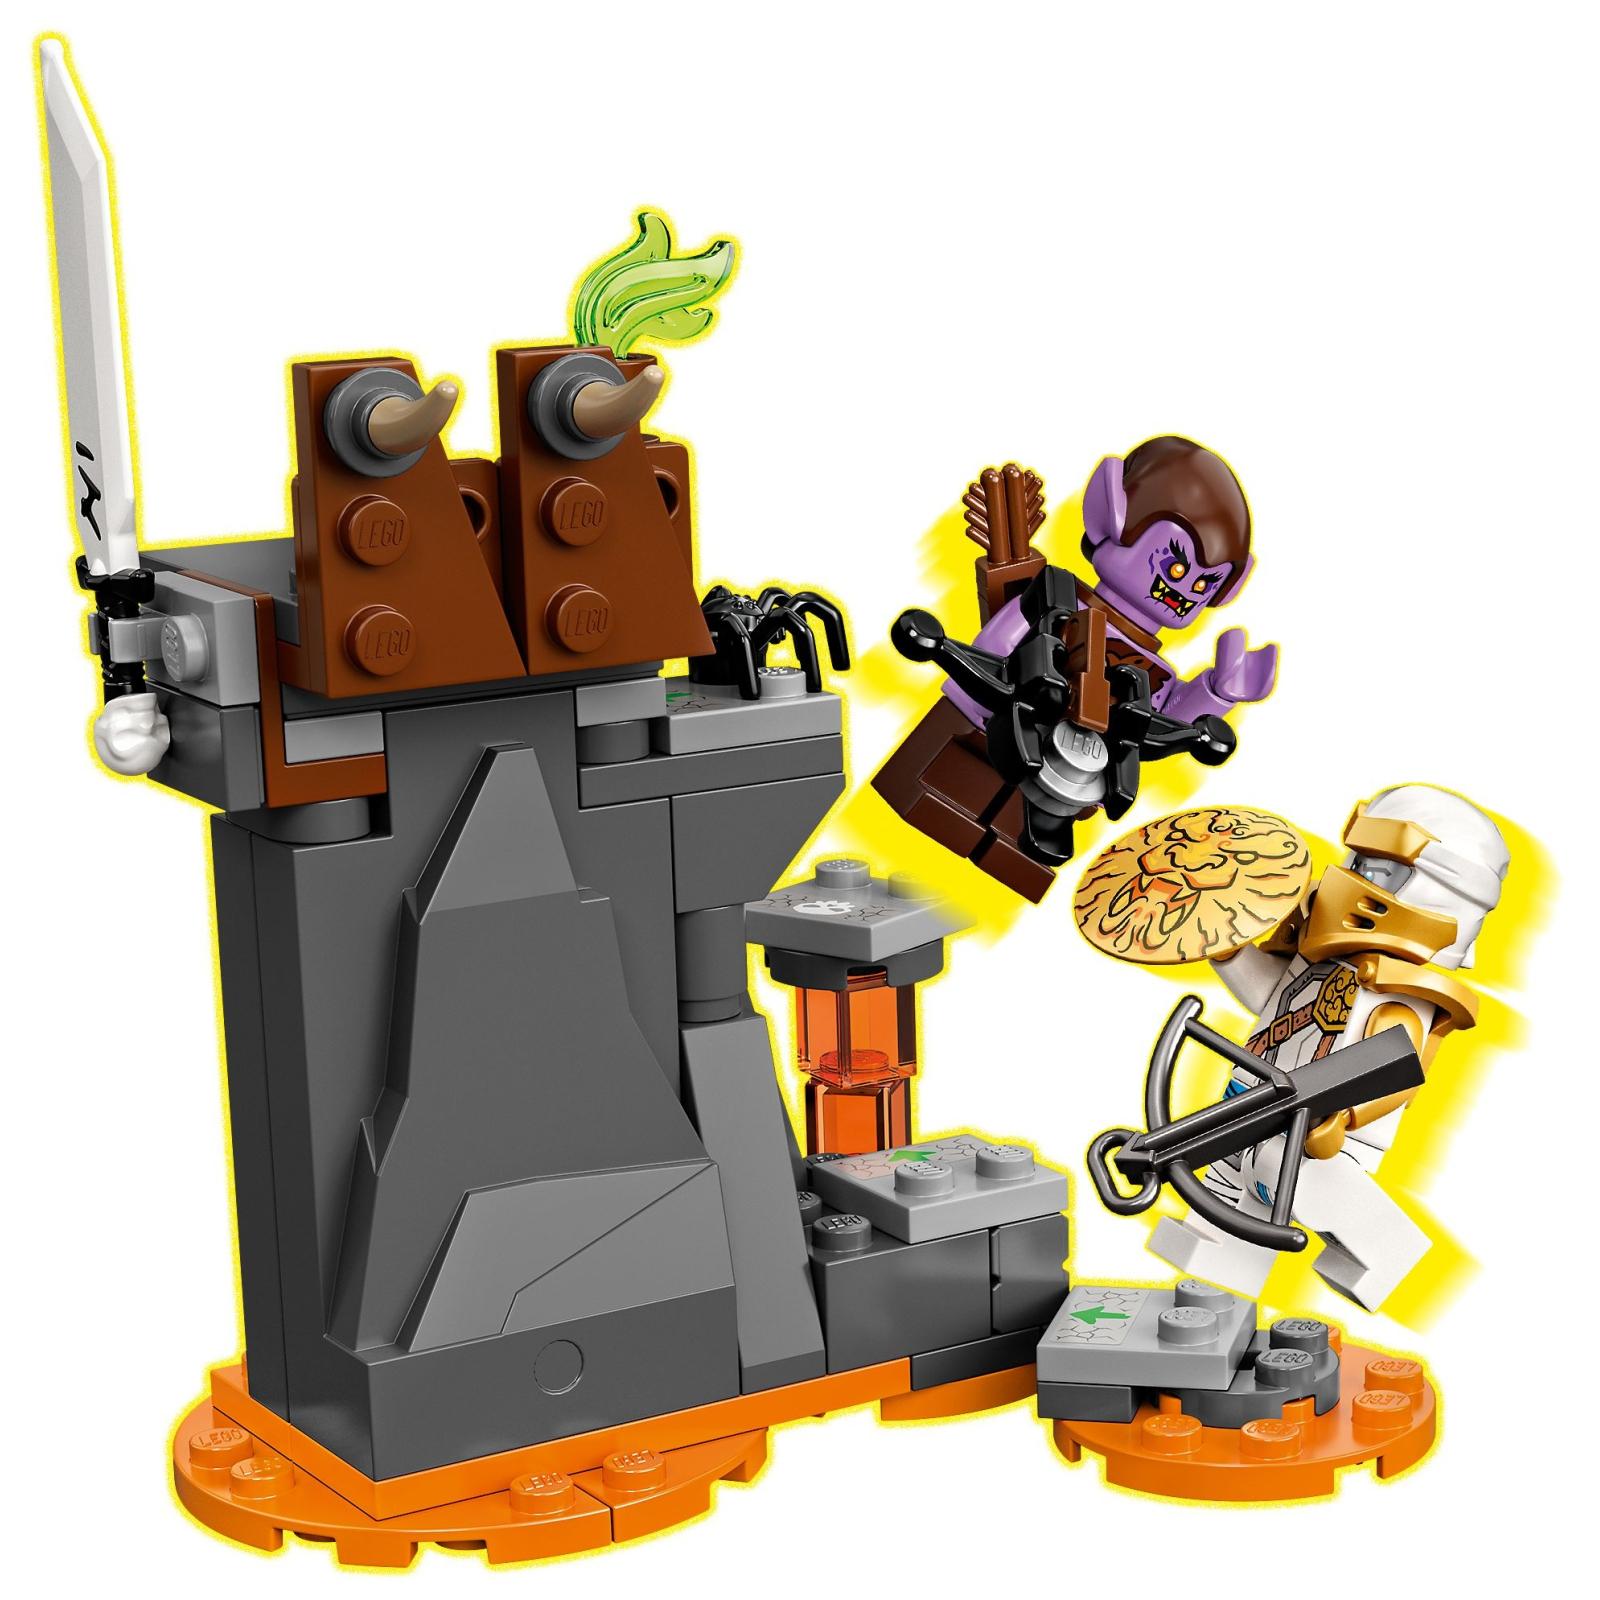 Конструктор LEGO Ninjago Бронированный носорог Зейна 616 деталей (71719) изображение 6